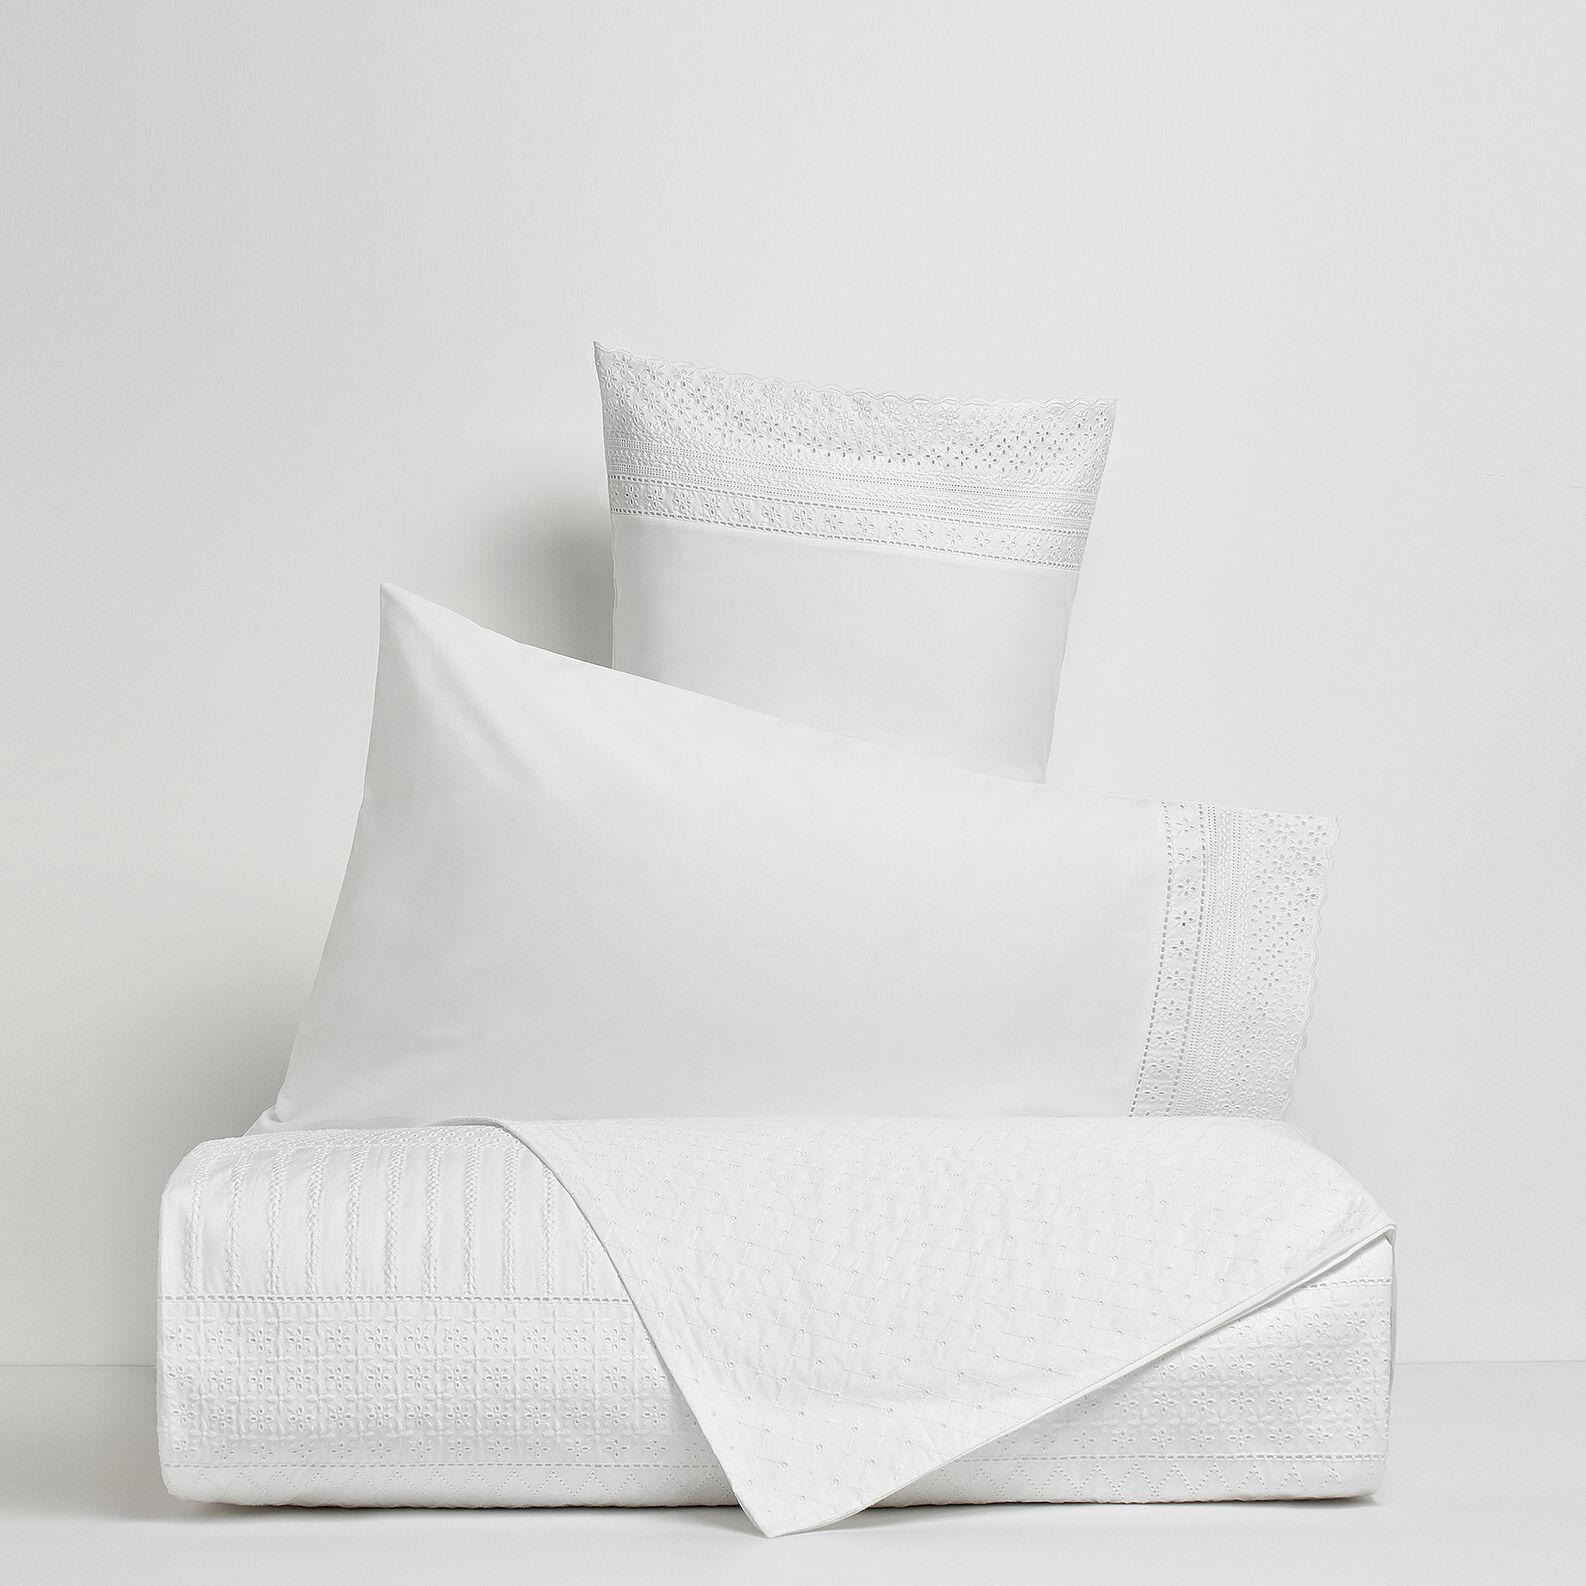 Portofino flat sheet in 100% cotton percale with Sangallo lace